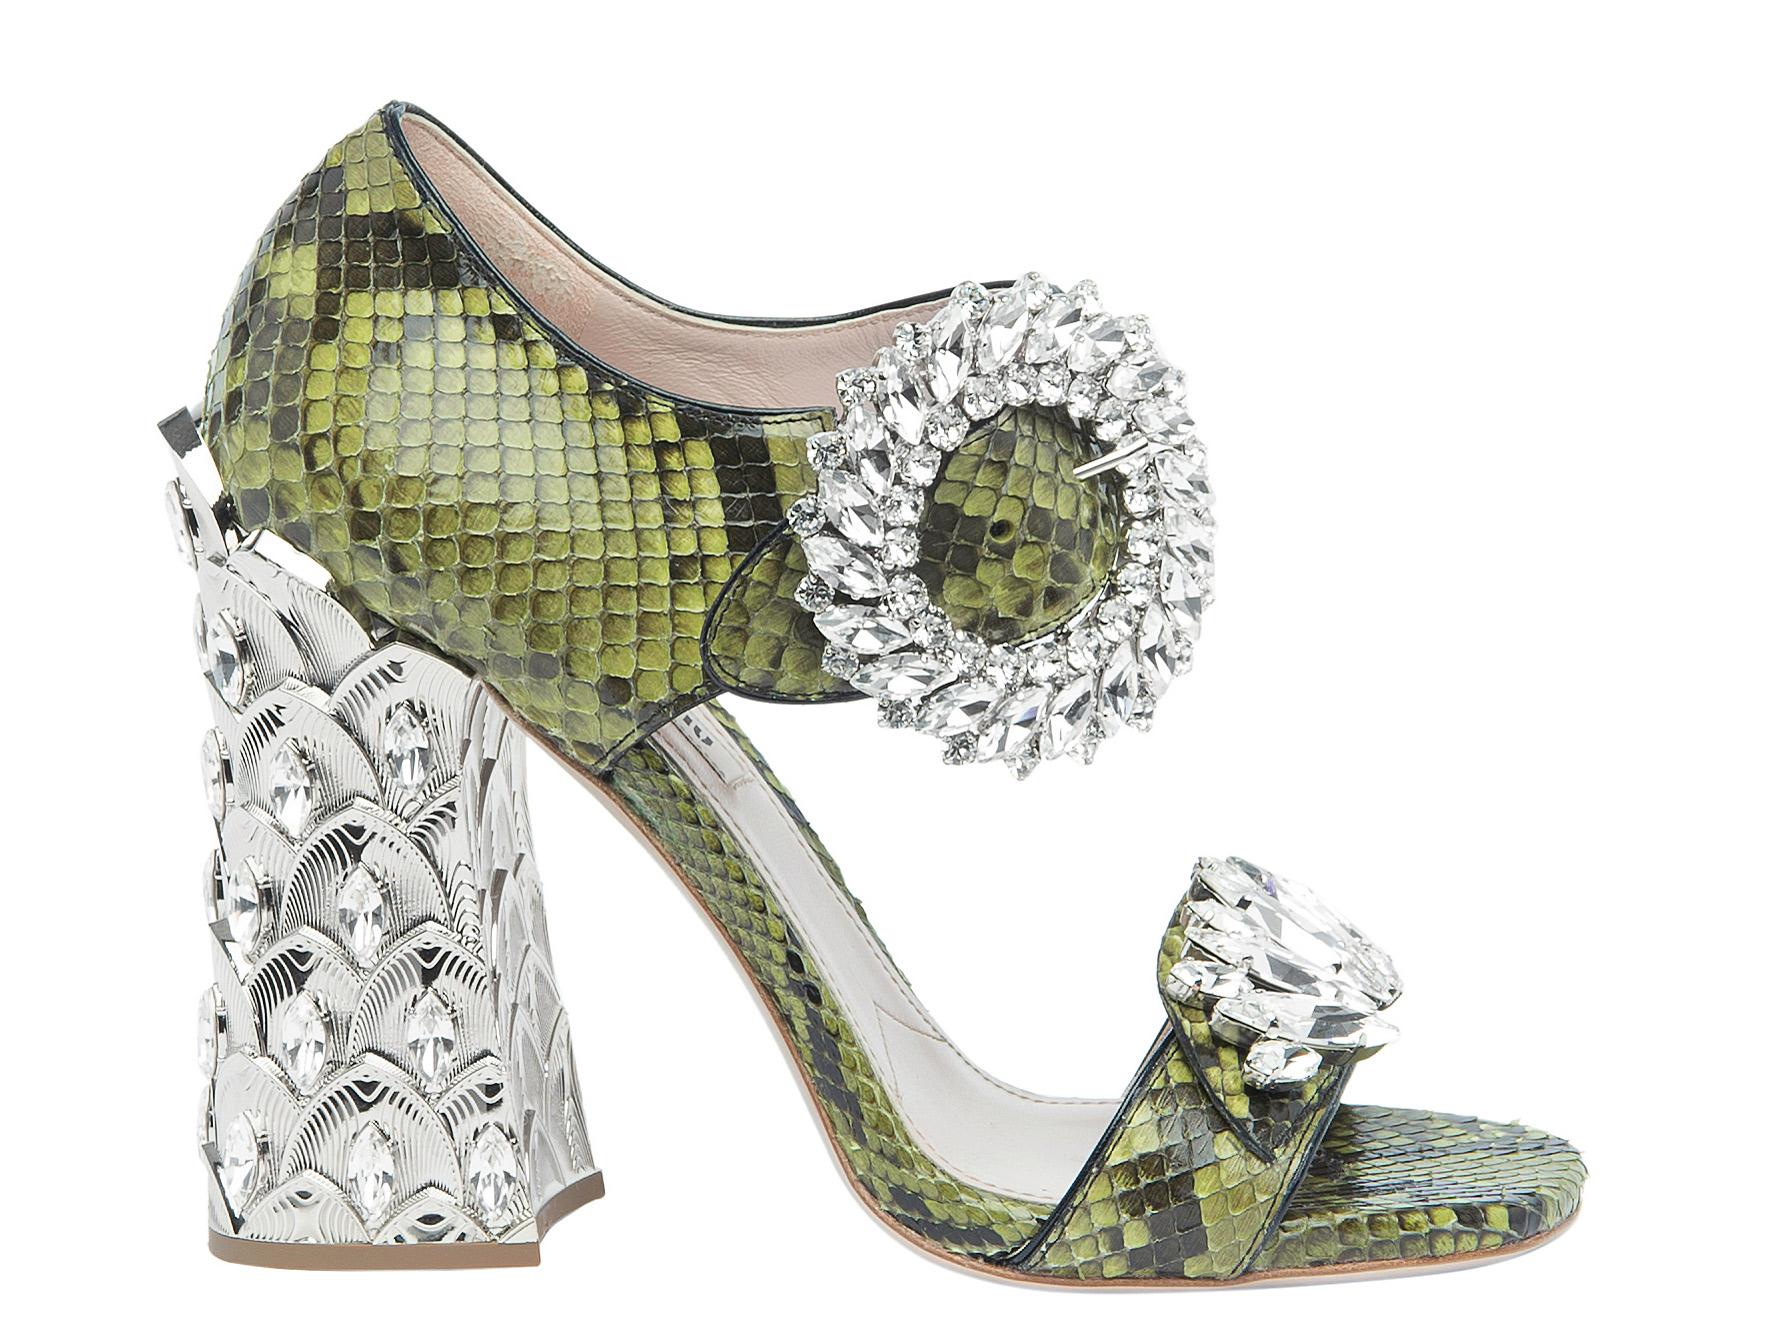 Impian Anda untuk Mengenakan Sepatu Indah dari Kepingan Salju Kini Dapat Terwujud